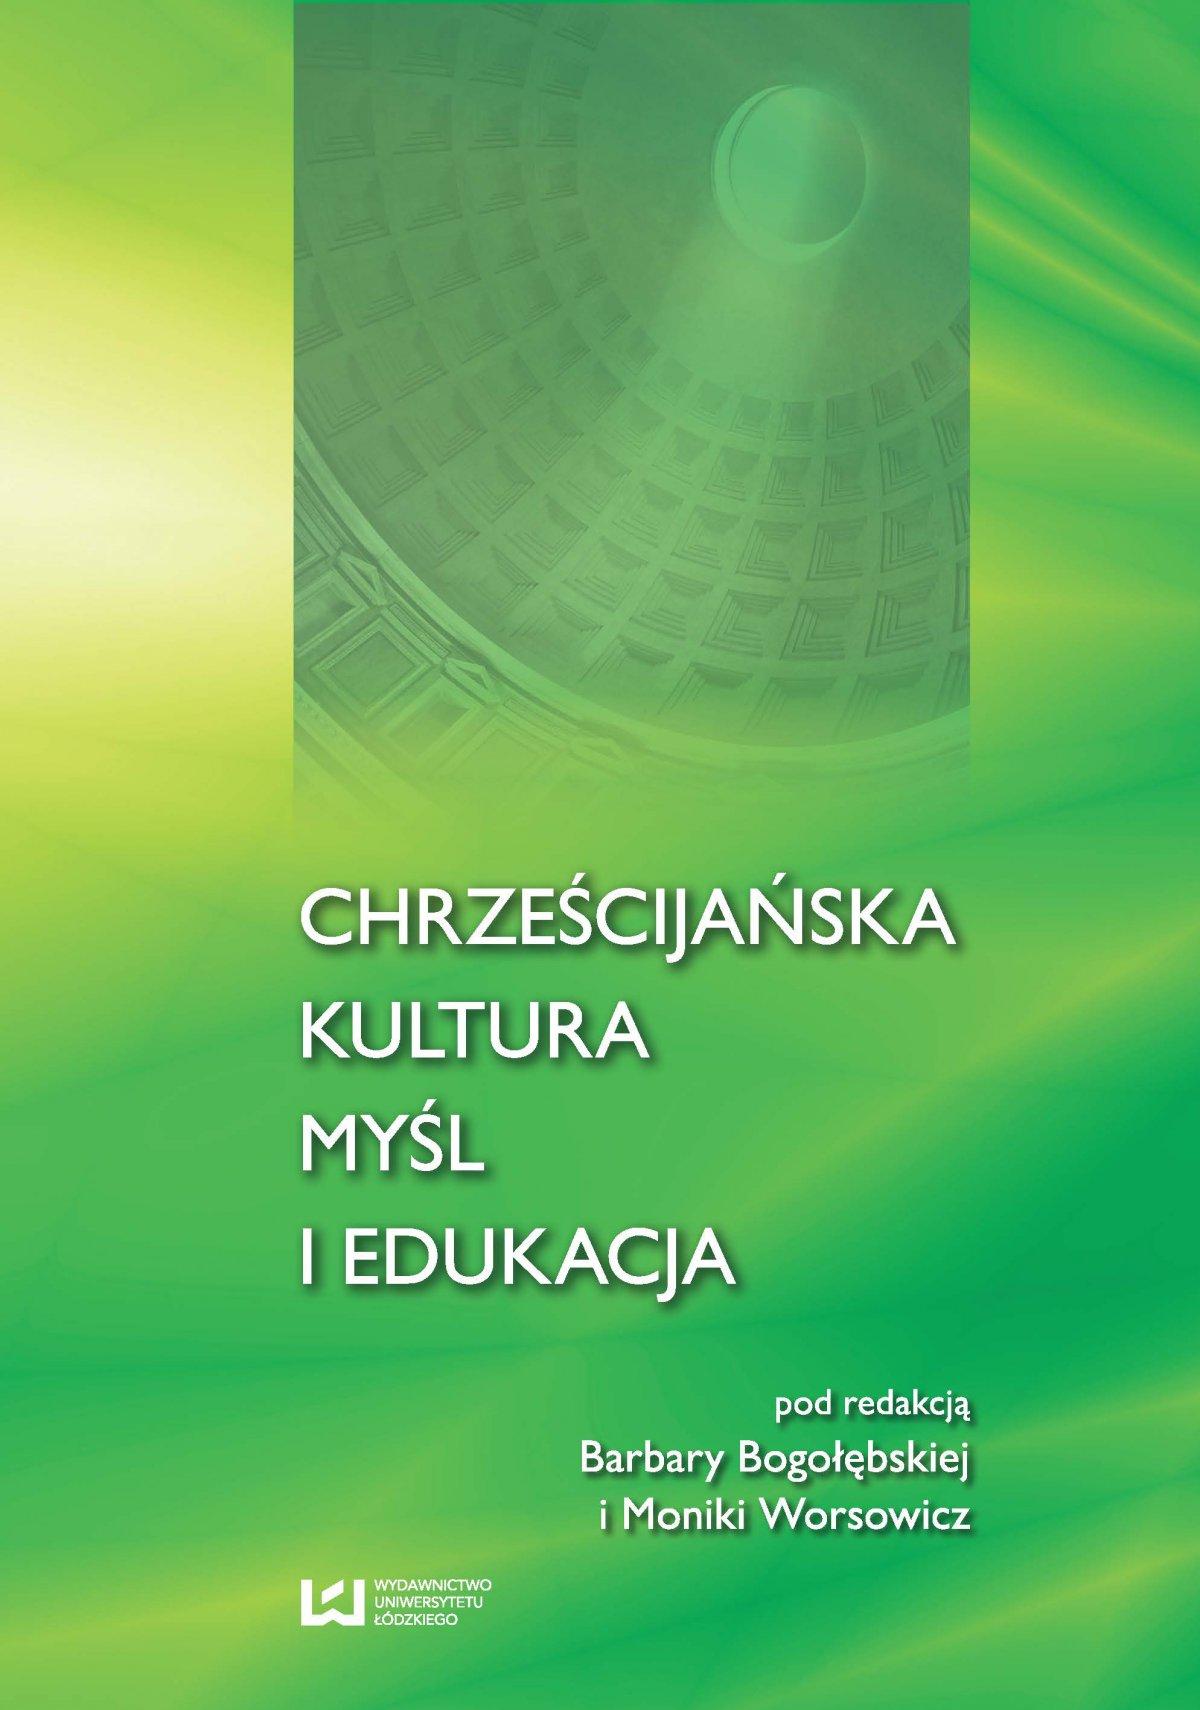 Chrześcijańska kultura myśl i edukacja - Ebook (Książka PDF) do pobrania w formacie PDF